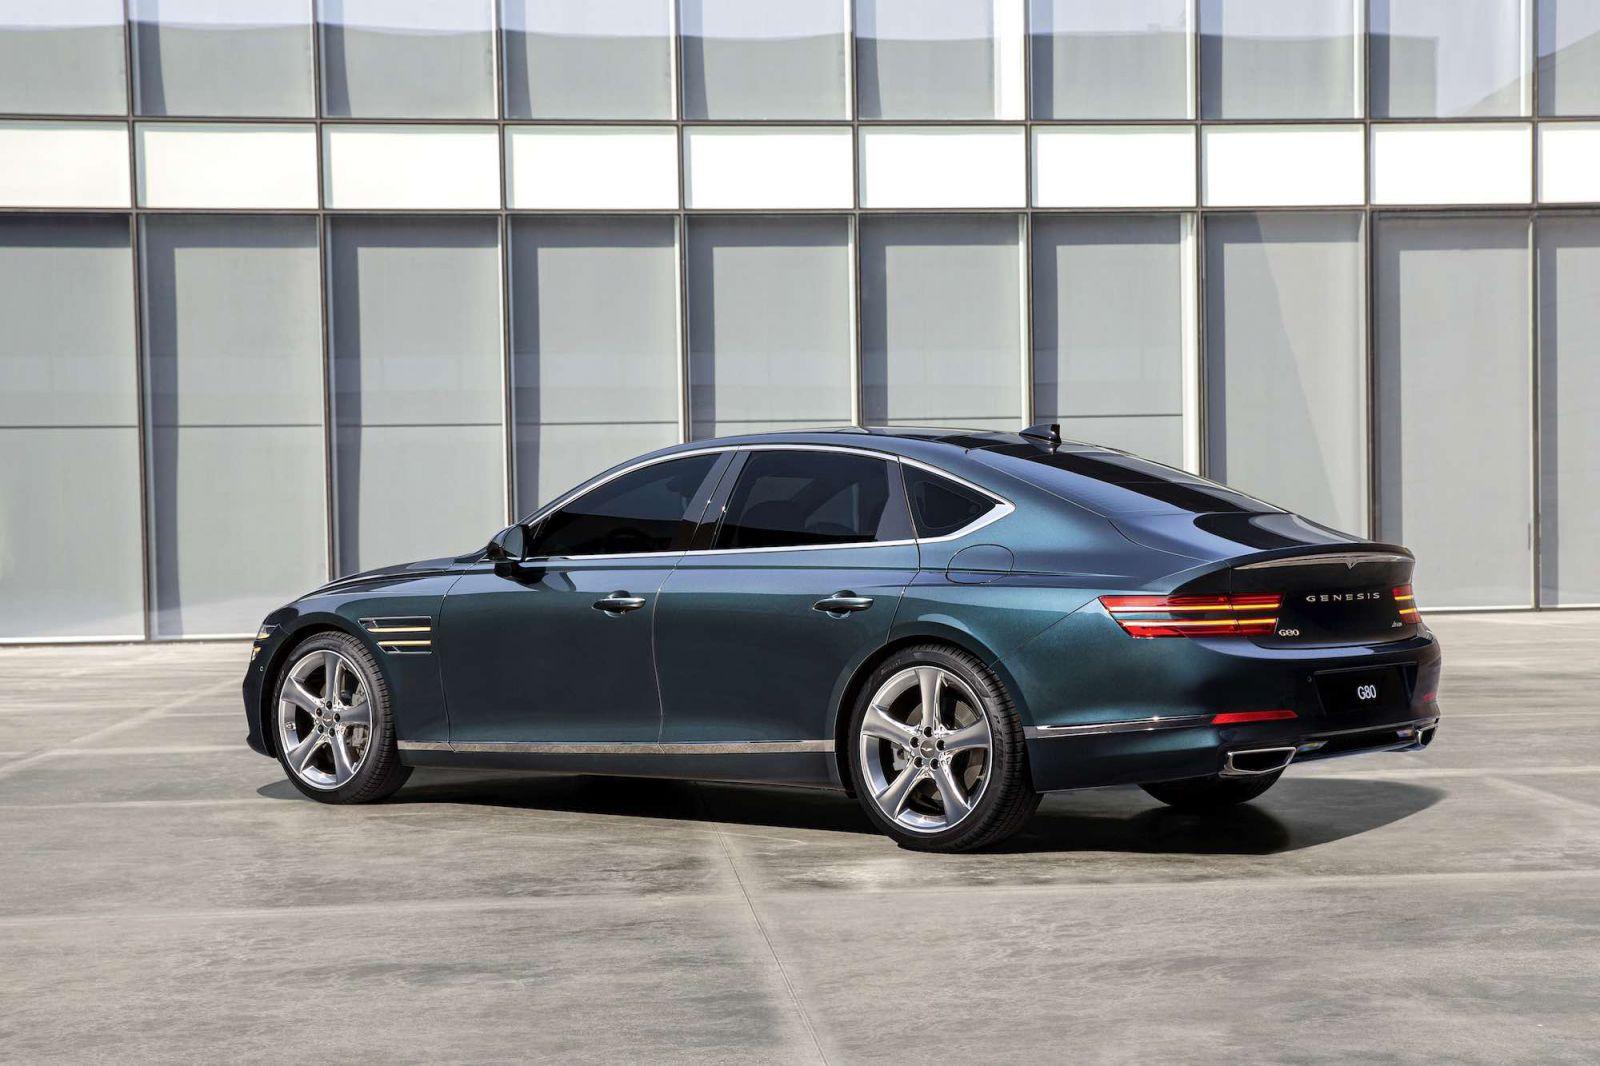 Genesis G80 2021 Dòng Xe Cao Cấp Của Hyundai Có Mấy Phiên Bản, Mẫu 4 chỗ hạng sang ra mắt chính thức có cả động cơ xăng và dầu, sẽ được giành cho thị trường mỹ và hàn quốc là chính, Vietnam chưa có th